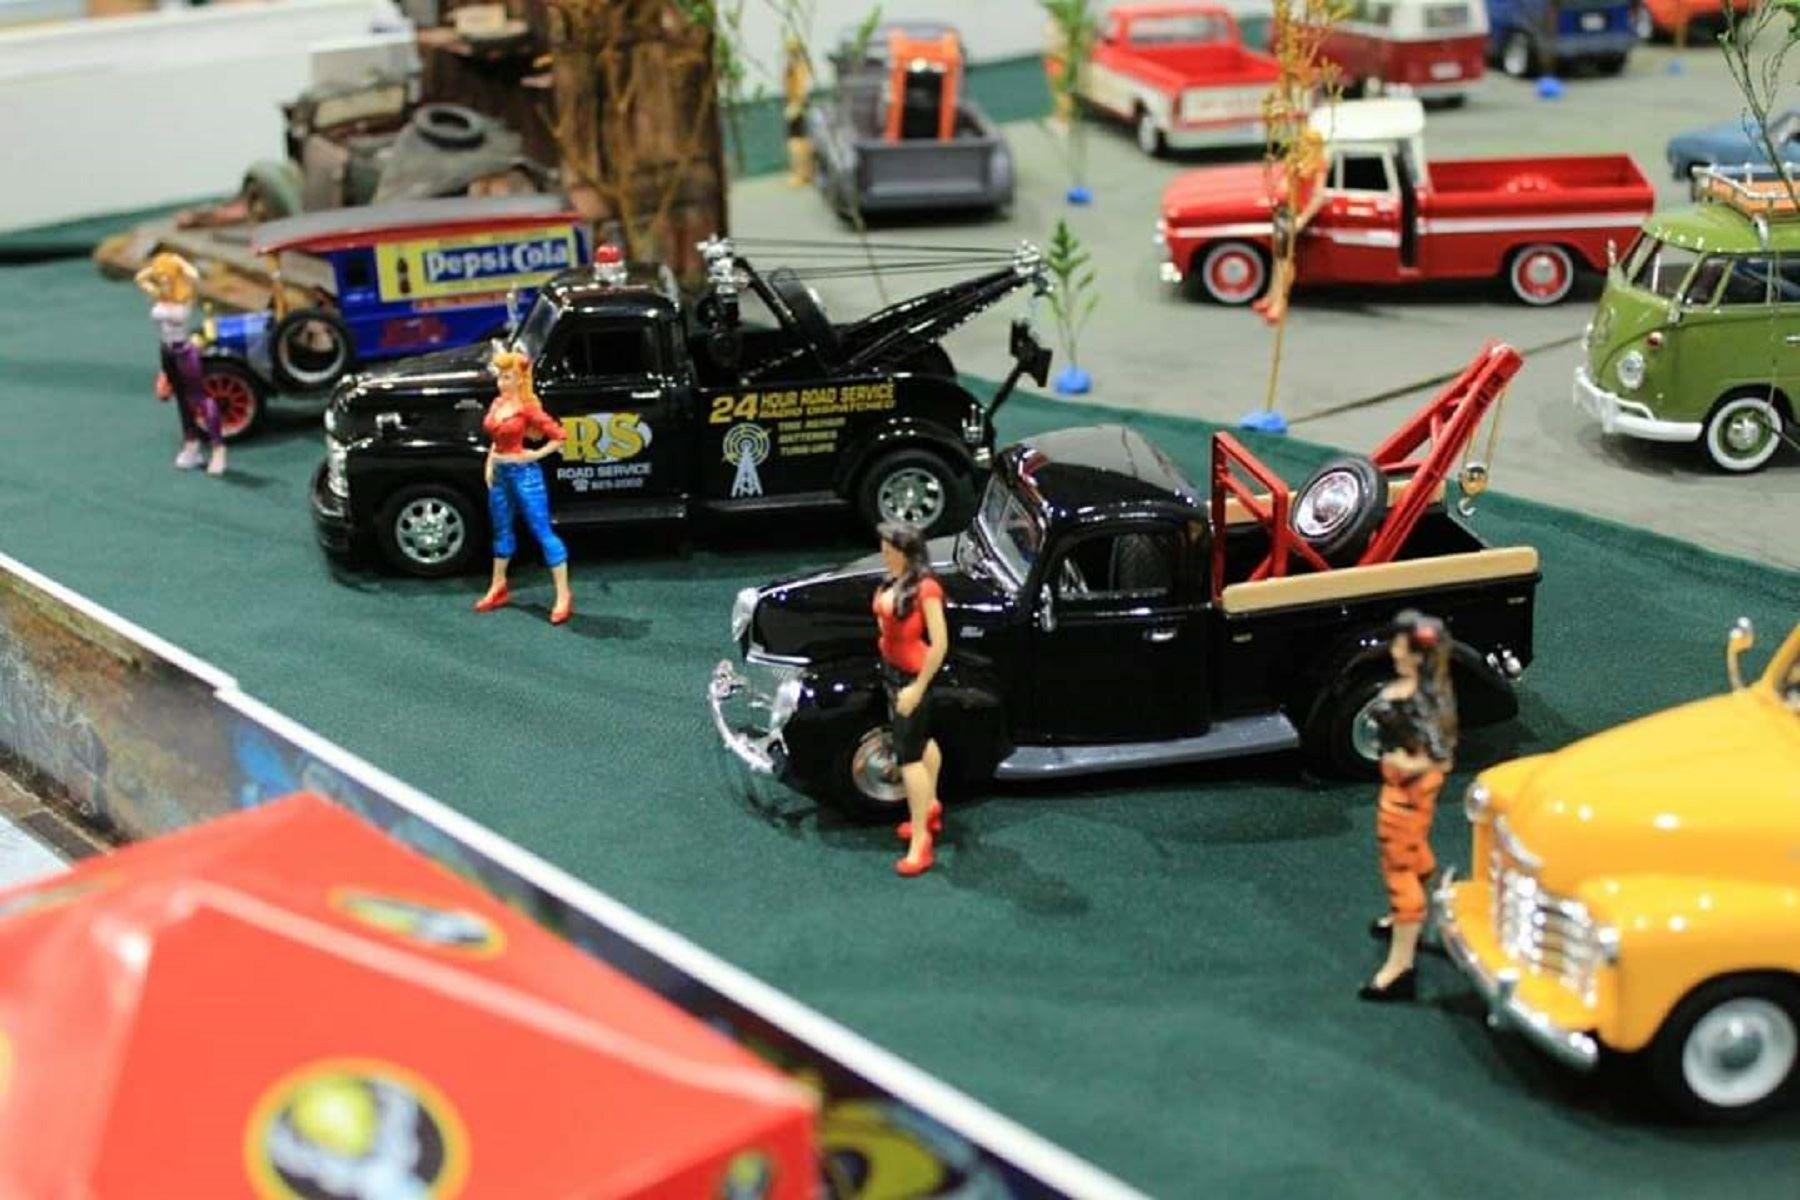 Exhibirán más de 2 mil réplicas de autos en diversas escalas este domingo en Surquillo